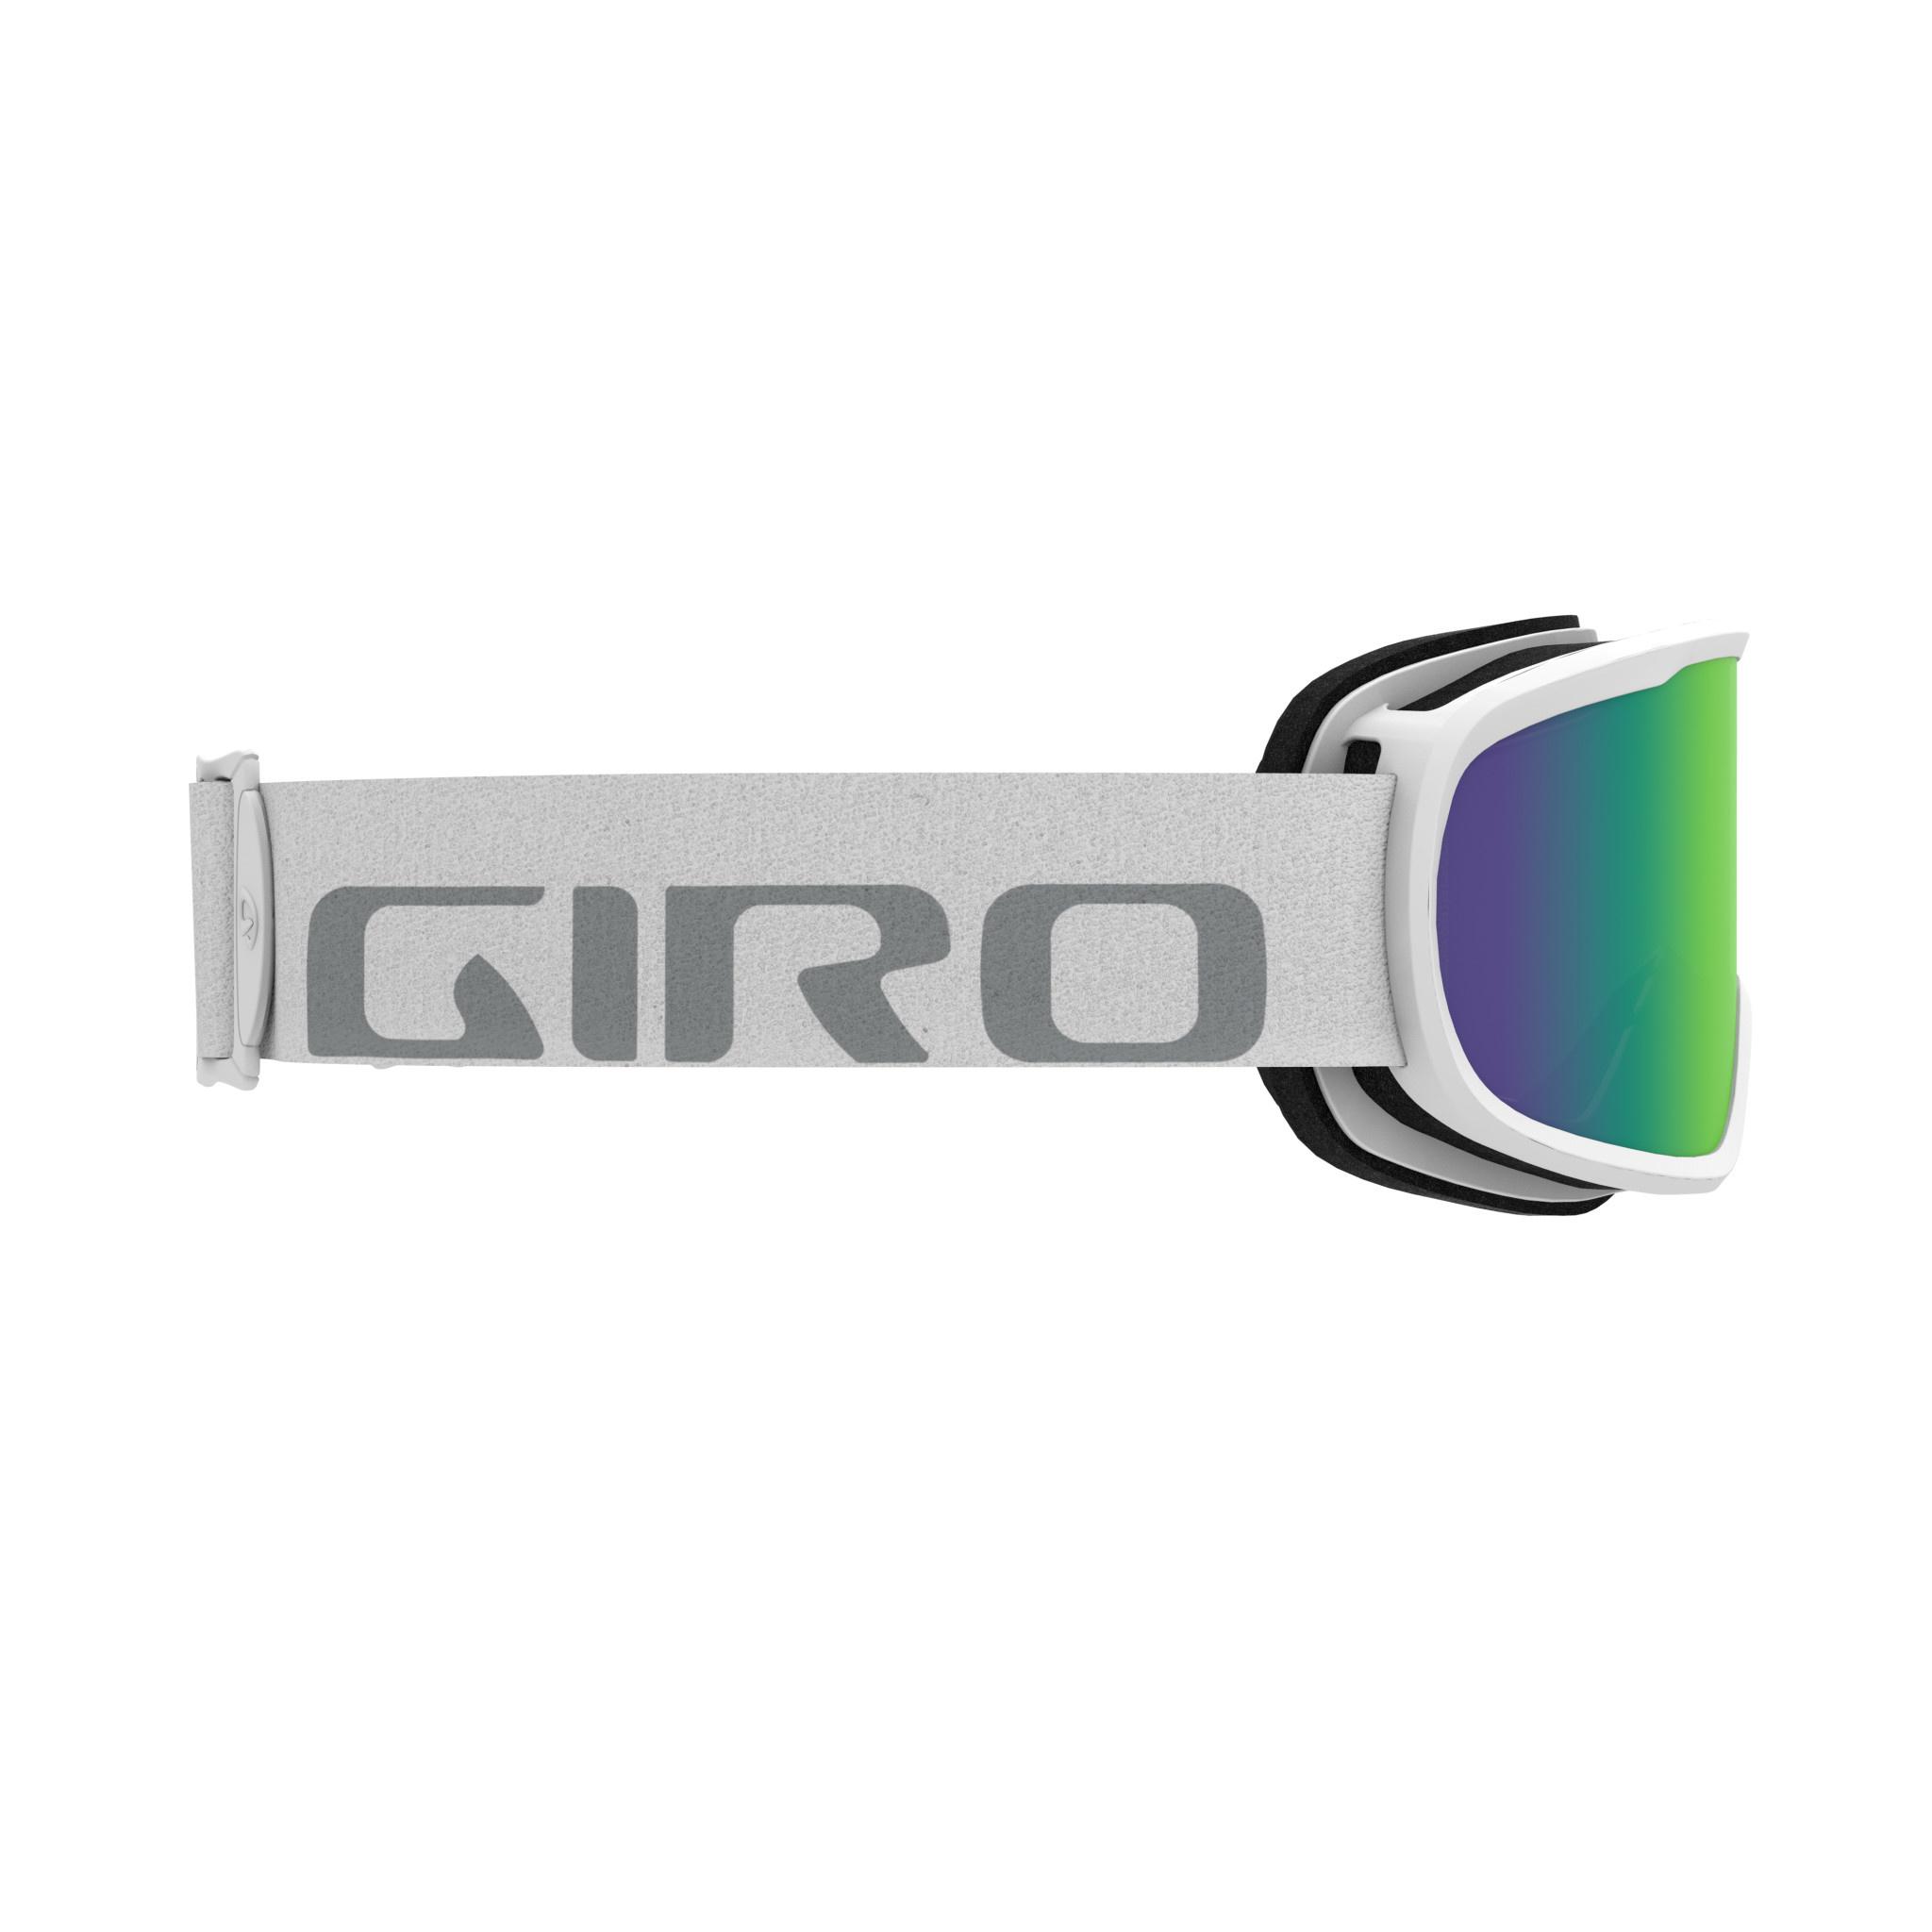 Giro Cruz-1